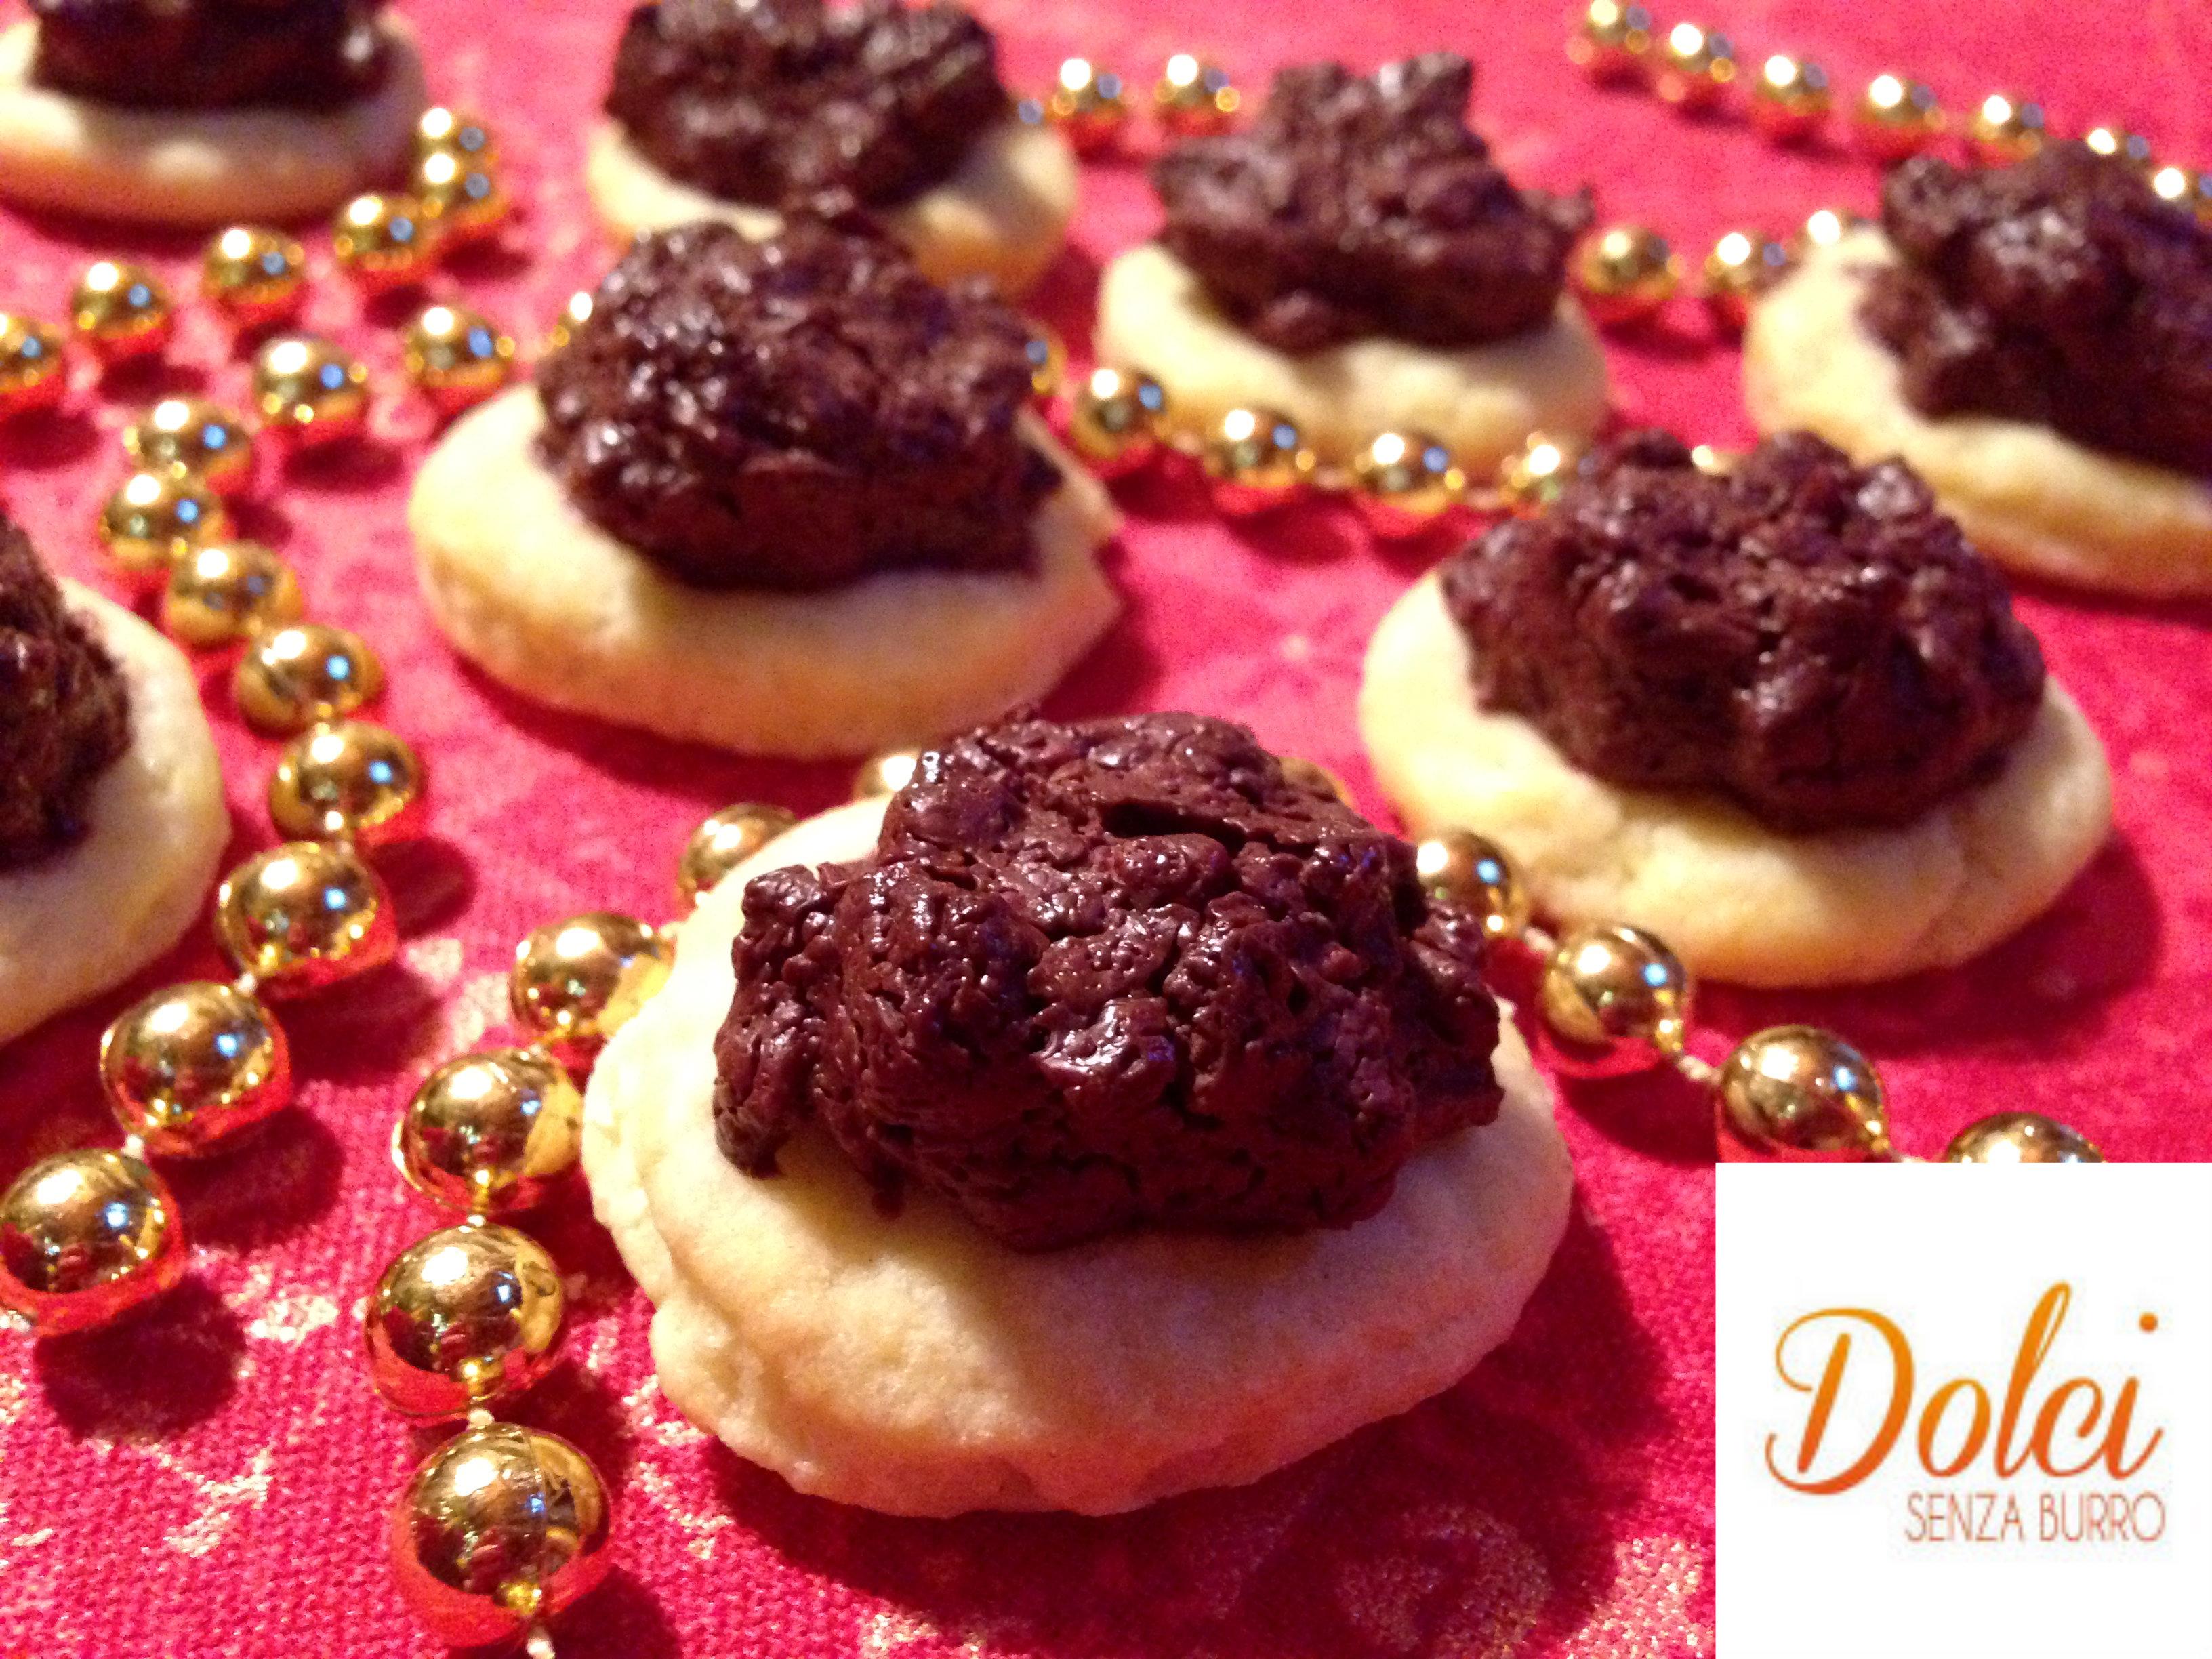 Biscotti Senza Burro cioccolto e Mandorle, il biscotto di natale di Dolci Senza Burro